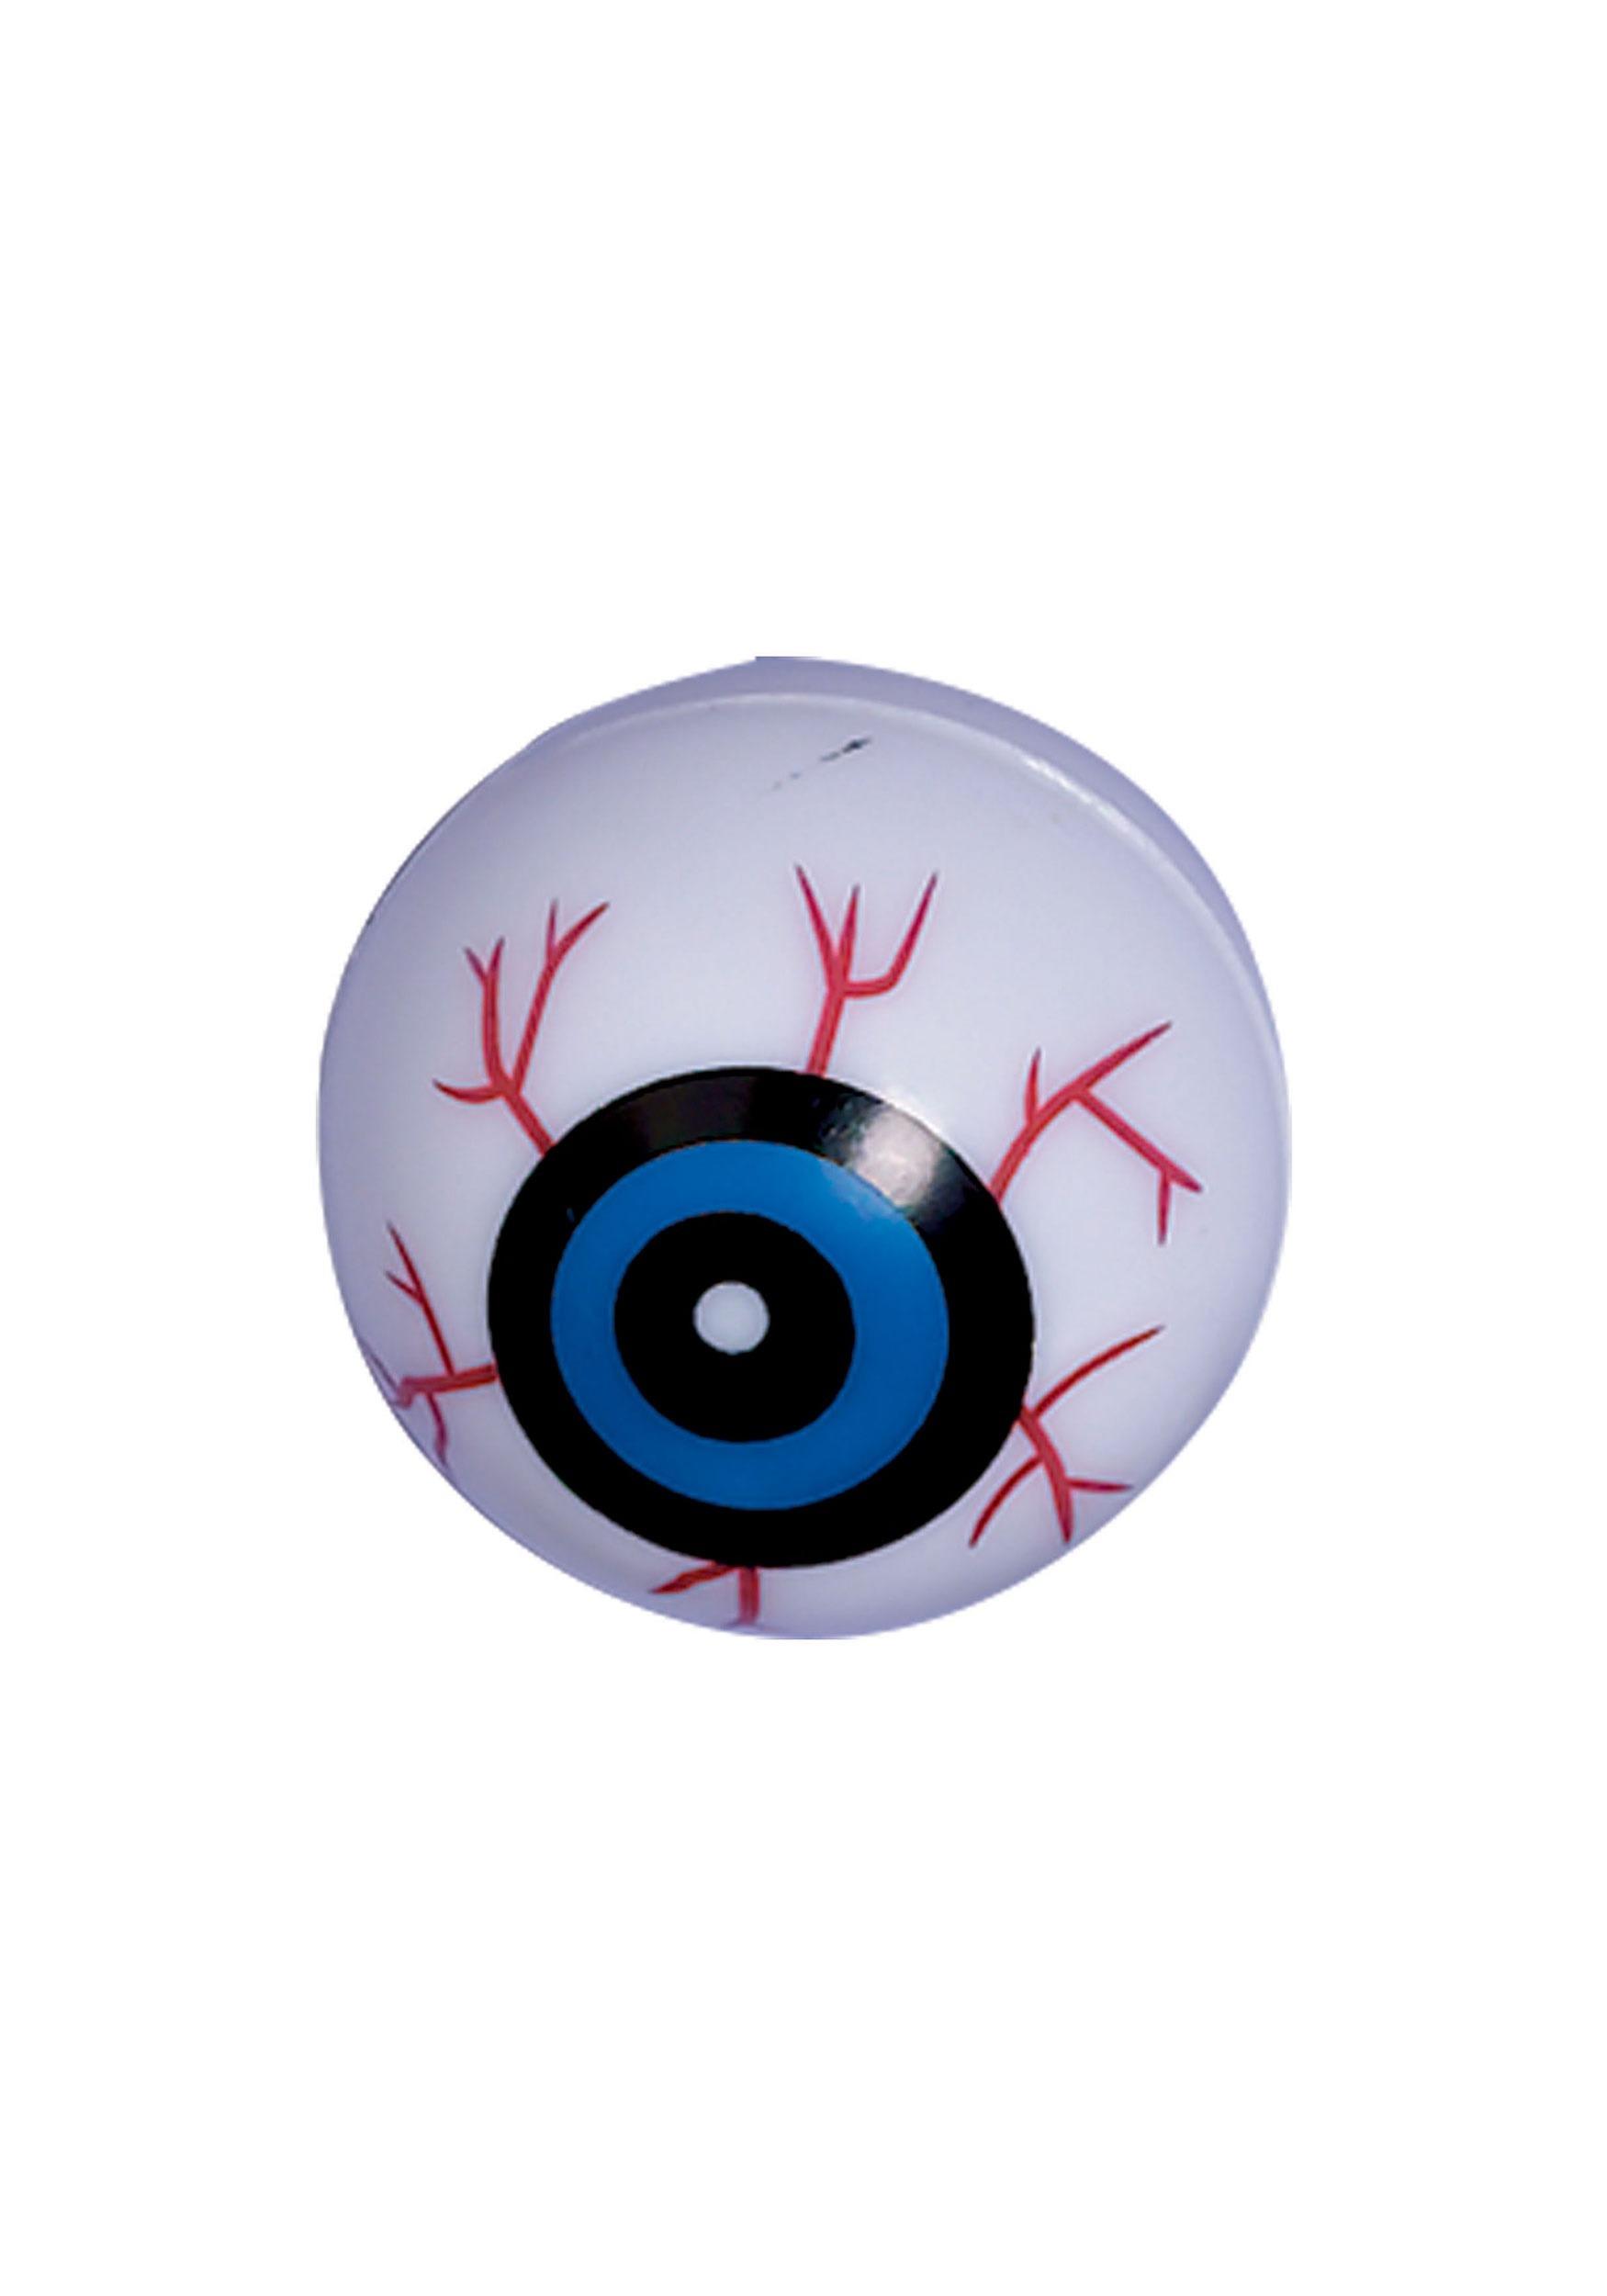 Bag_of_Plastic_Eyeballs_10_per_bag